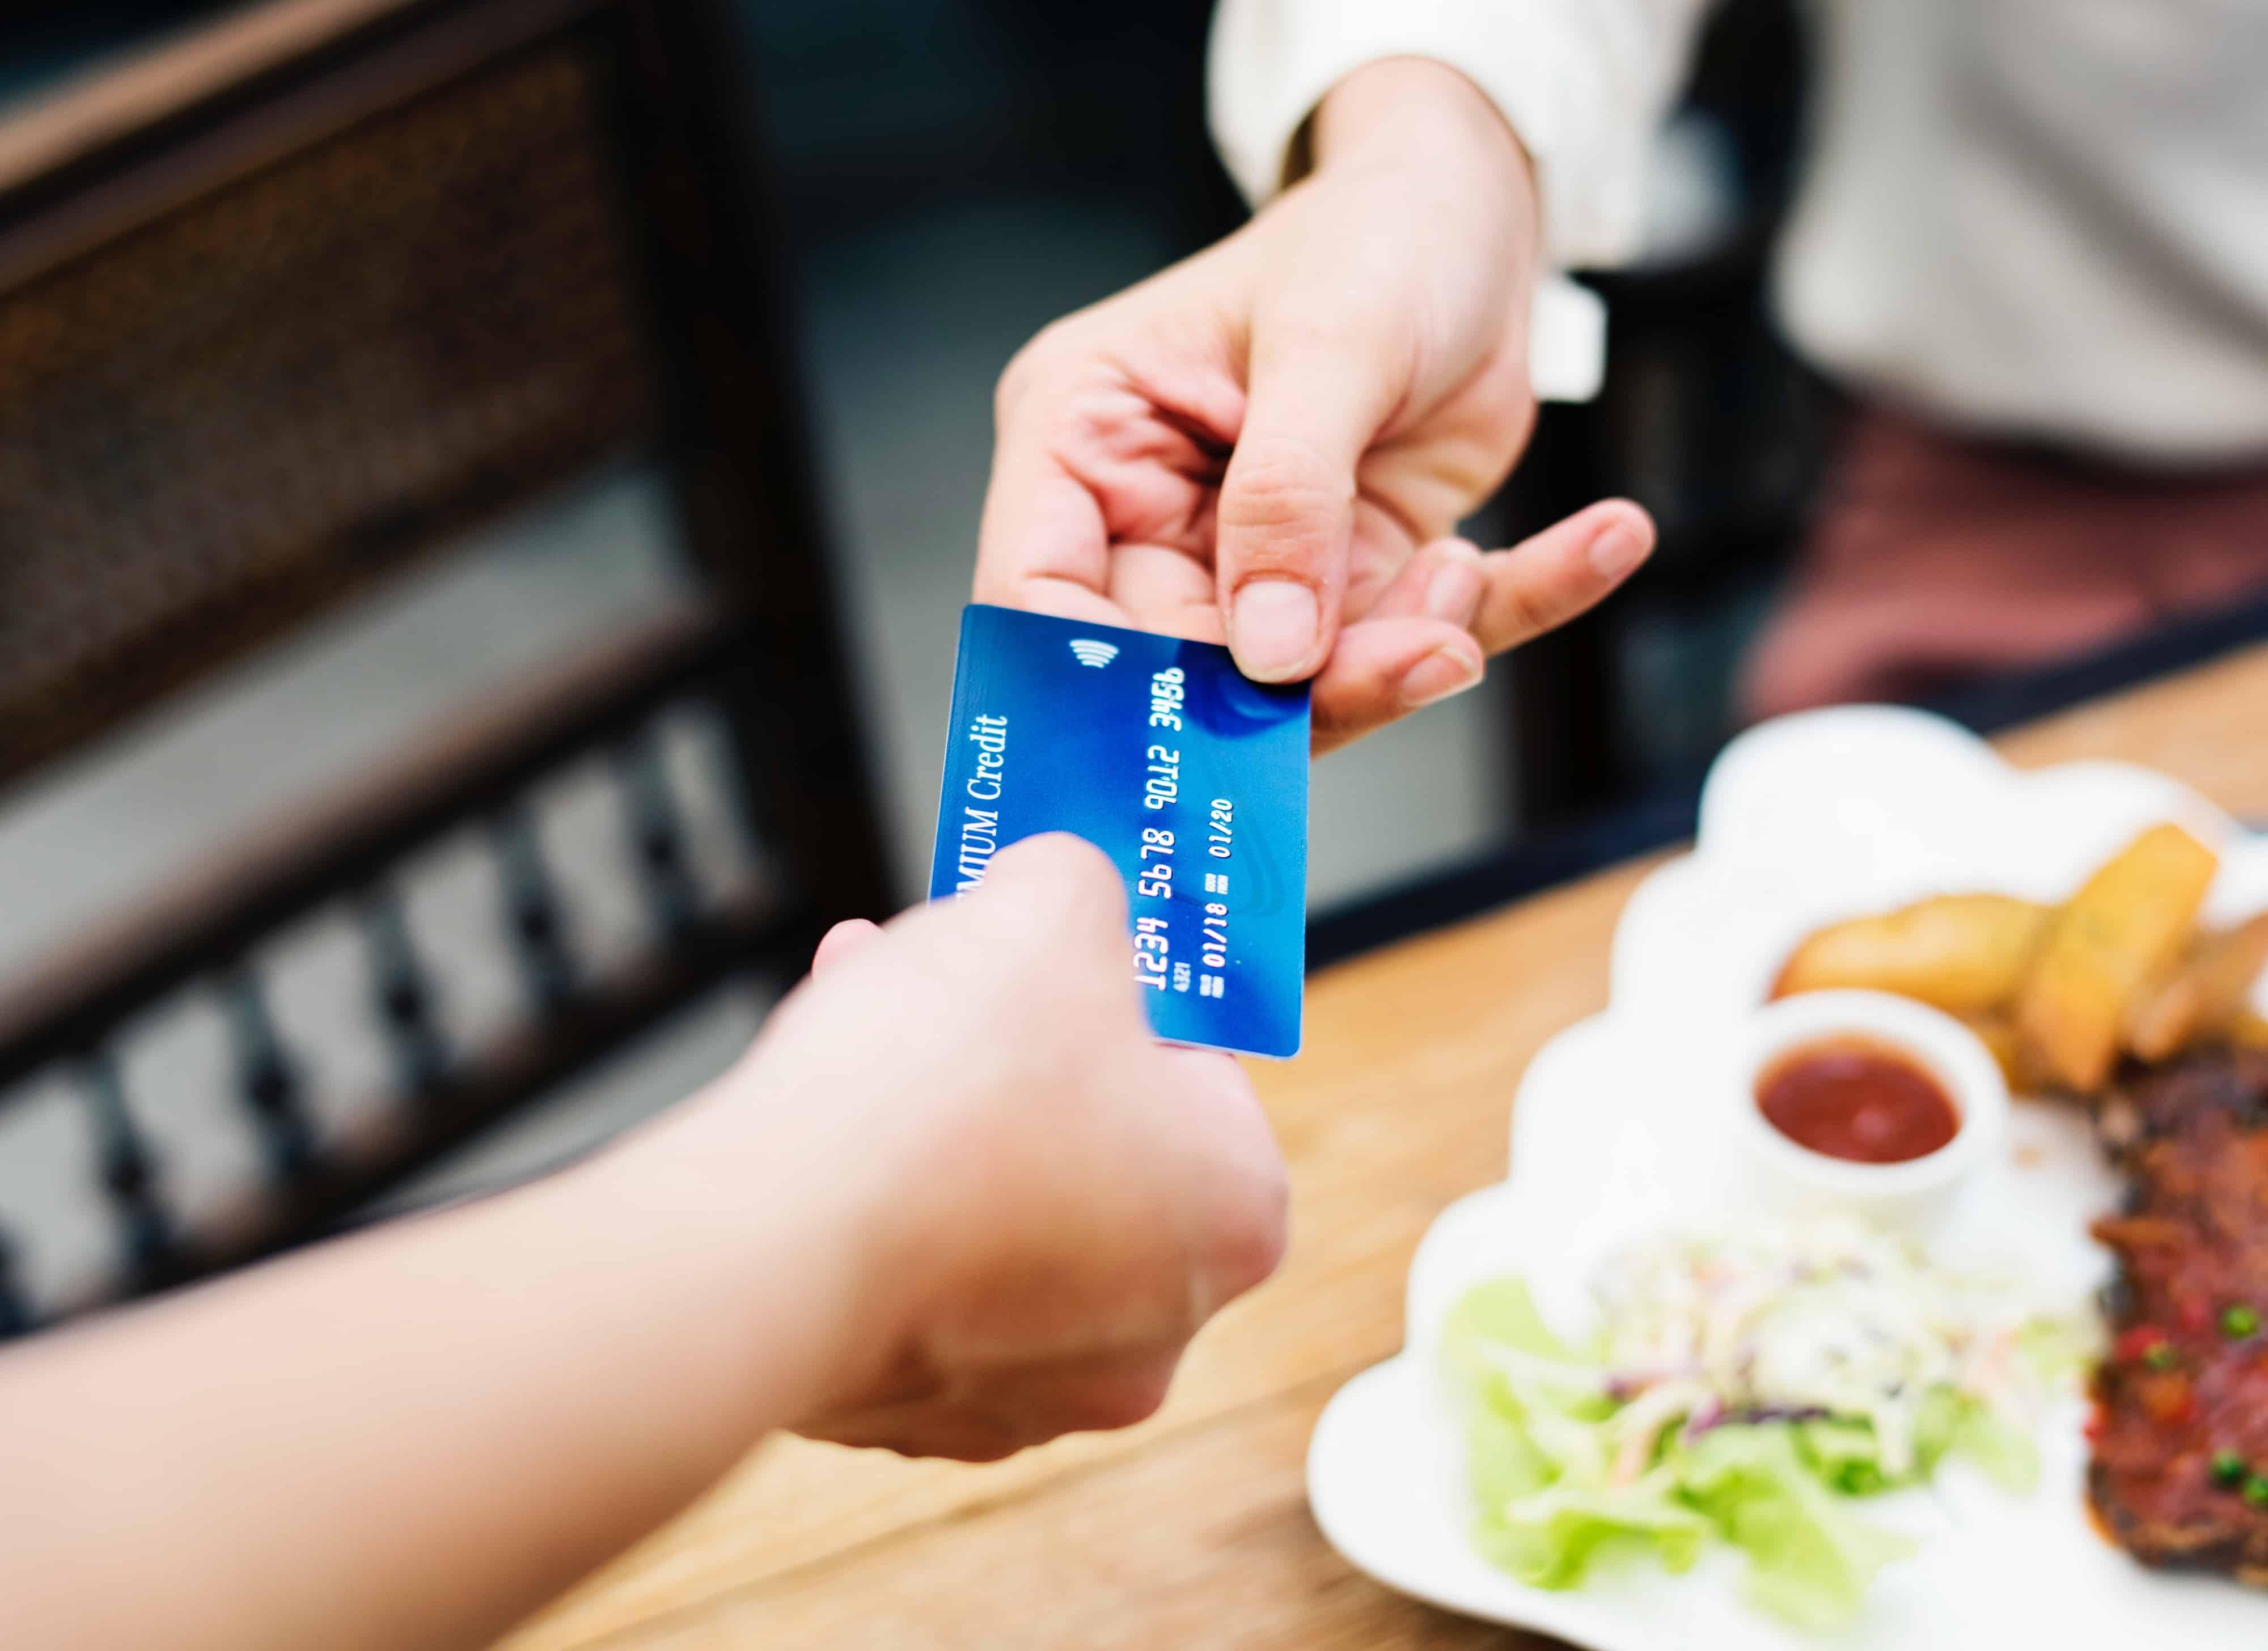 Semana Santa: Cómo usar la tarjeta de crédito